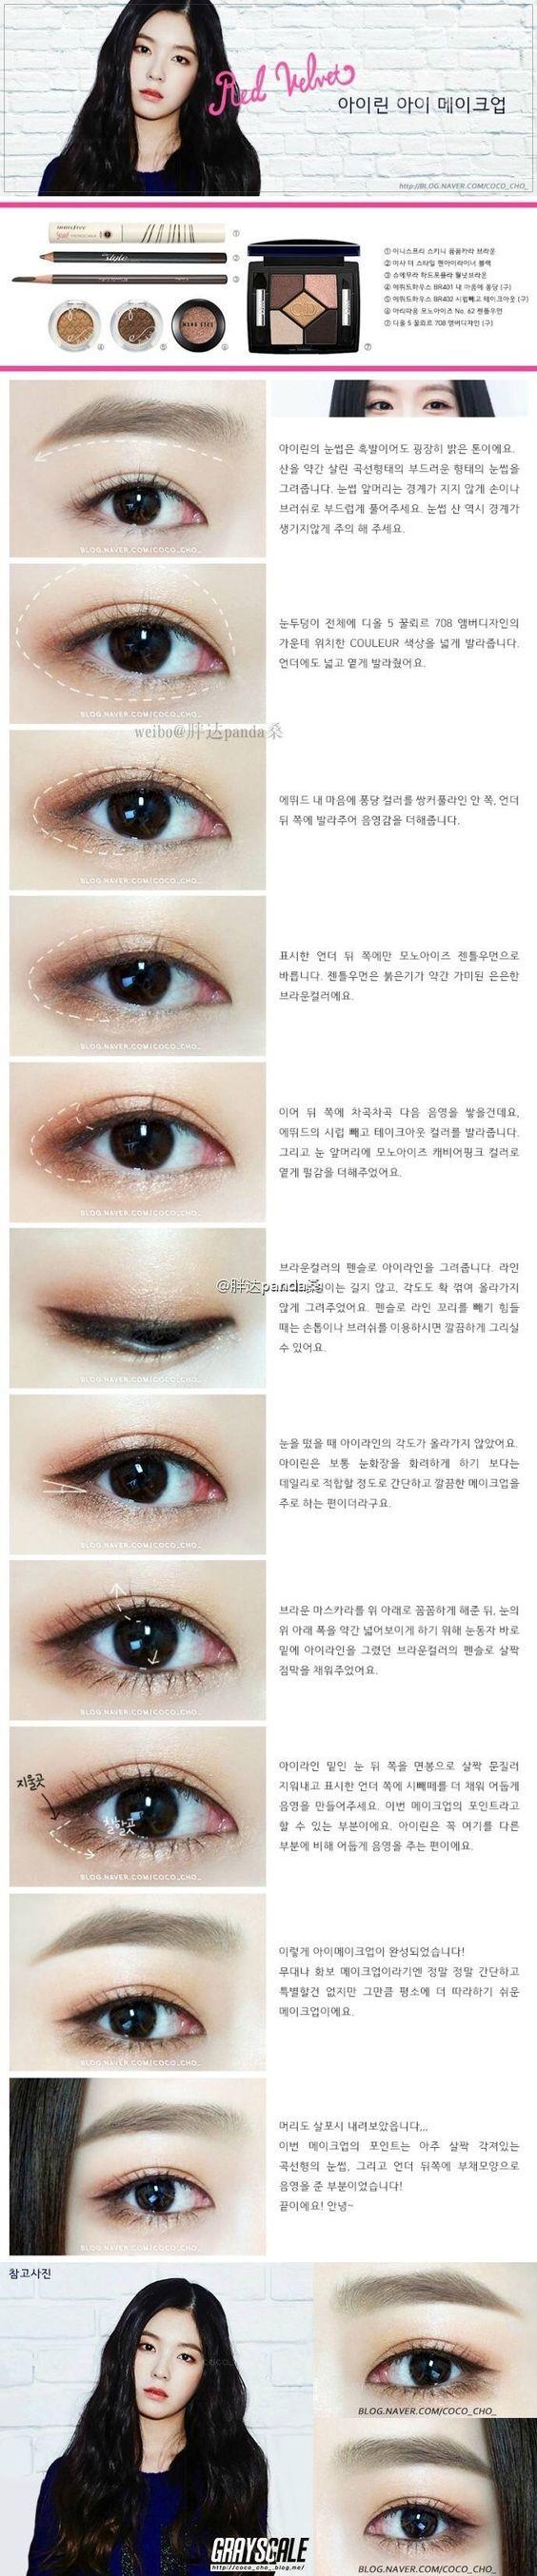 RED VELVET IRENE 《BE NATURAL》Korean kpop idol makeup tutorial (cr:coco_cho_.blog.me) Pinterest: feifanzeng: